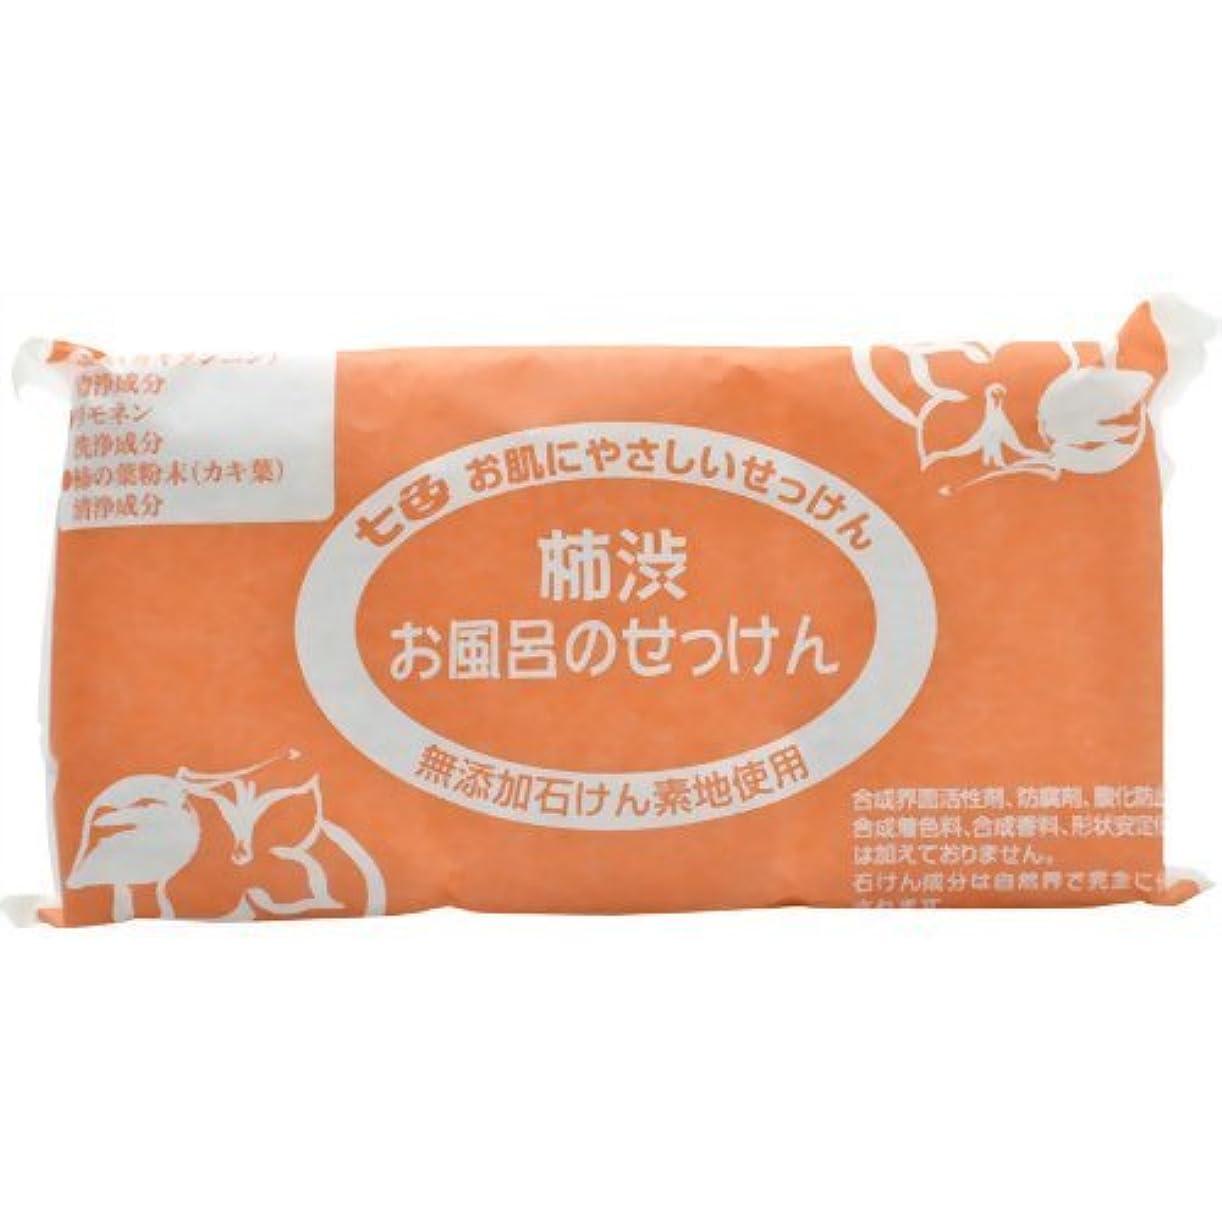 遠えサークル岸七色 お風呂のせっけん 柿渋(無添加石鹸) 100g×3個入